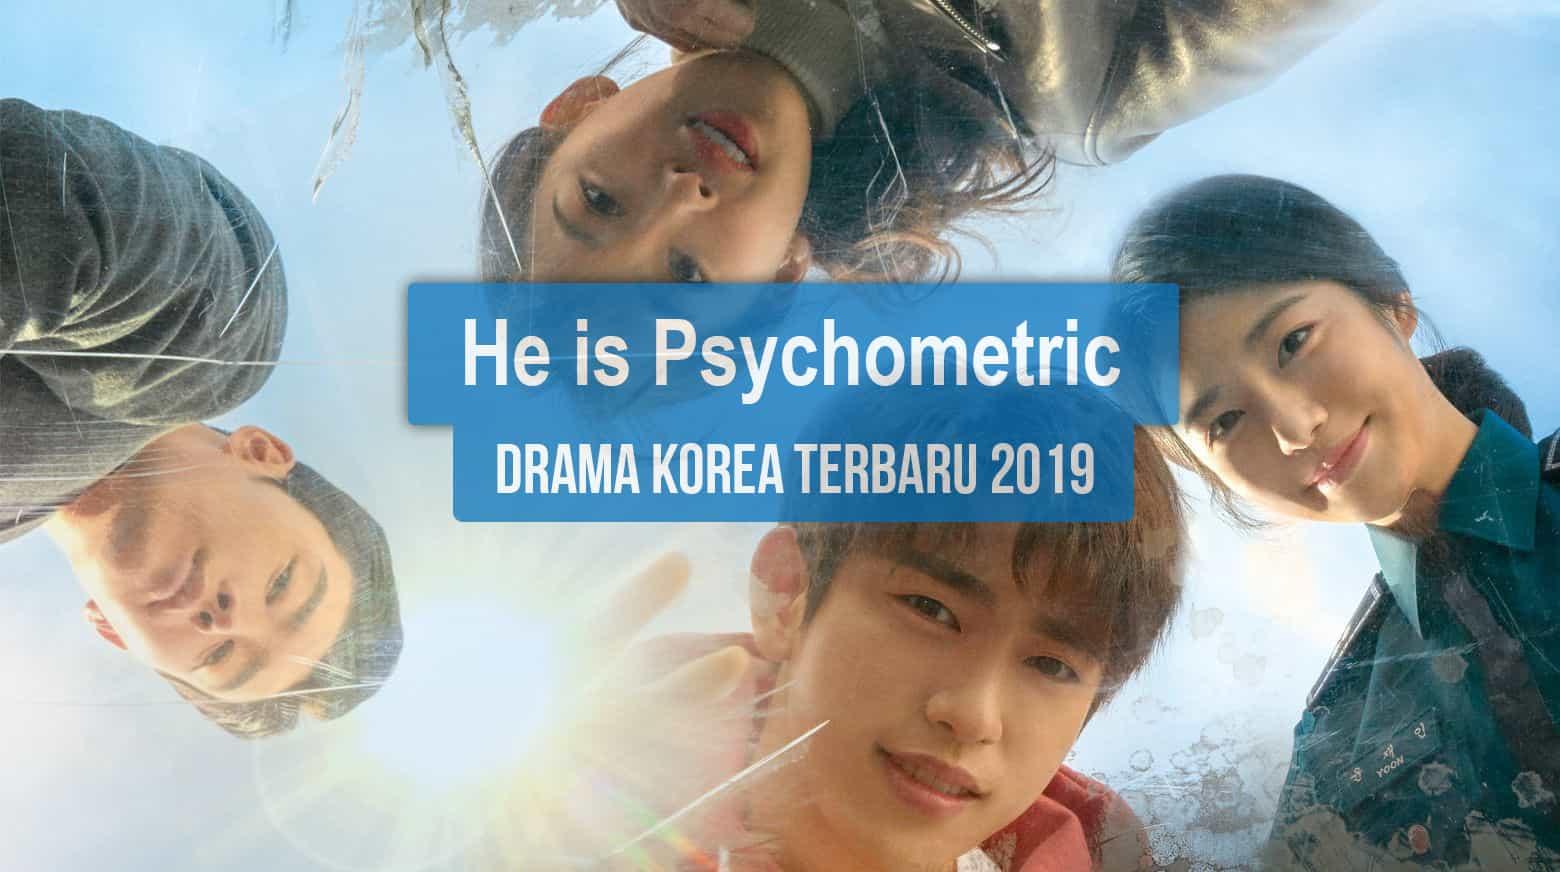 Sinopsis Tanggal Rilis Jadwal Drama Korea He is Psychometric Bahasa Indonesia